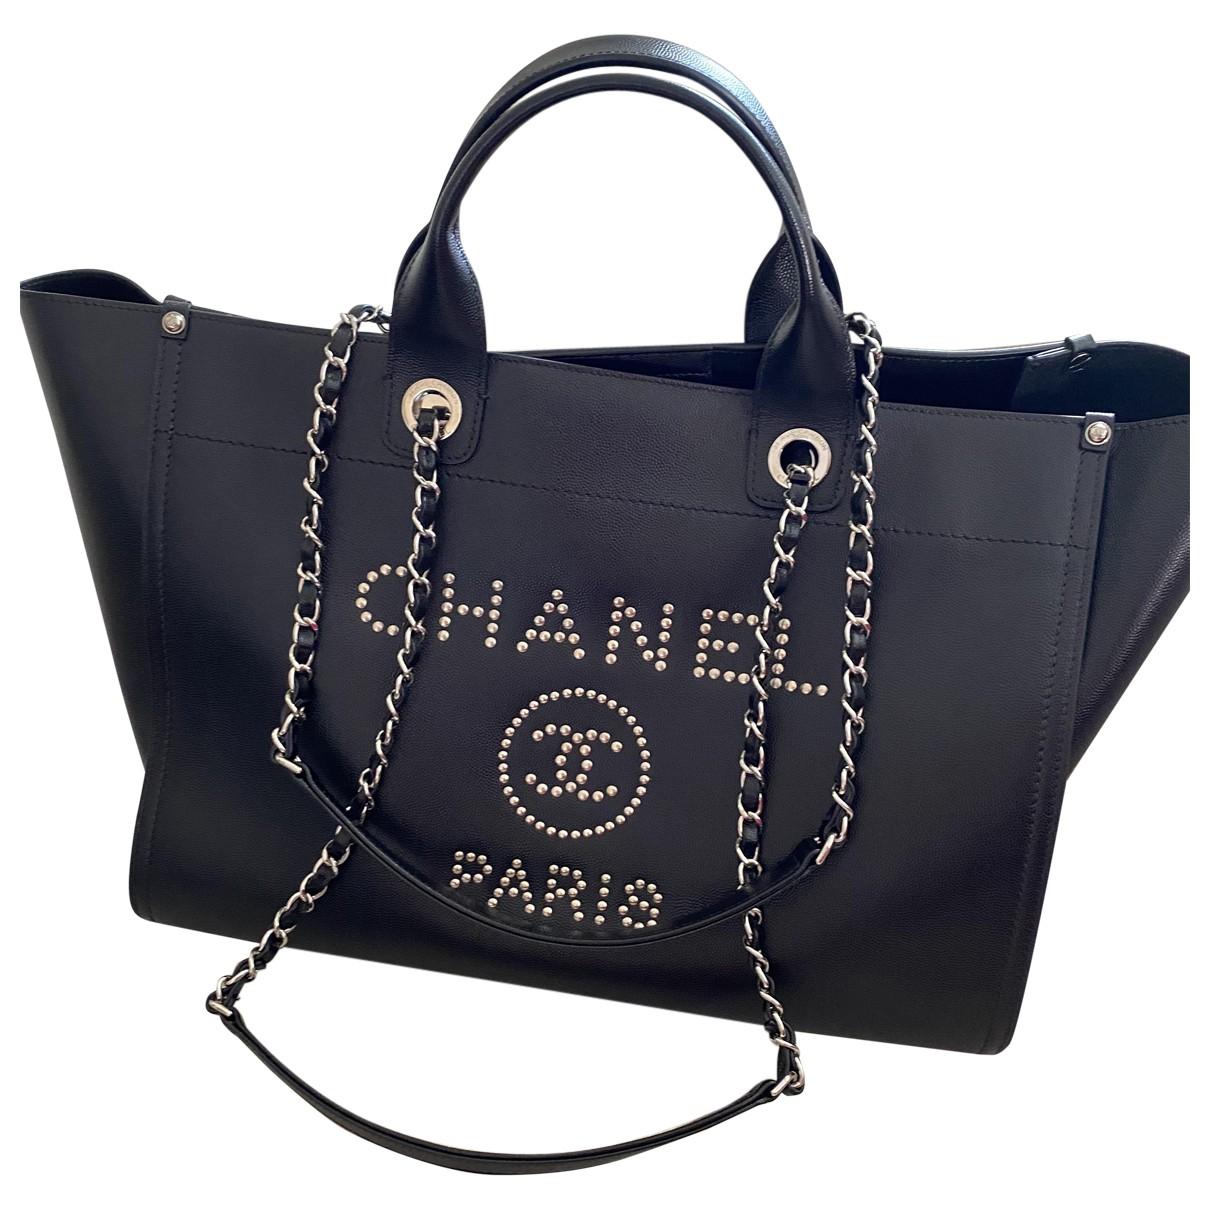 Chanel - Sac a main Deauville pour femme en cuir - noir